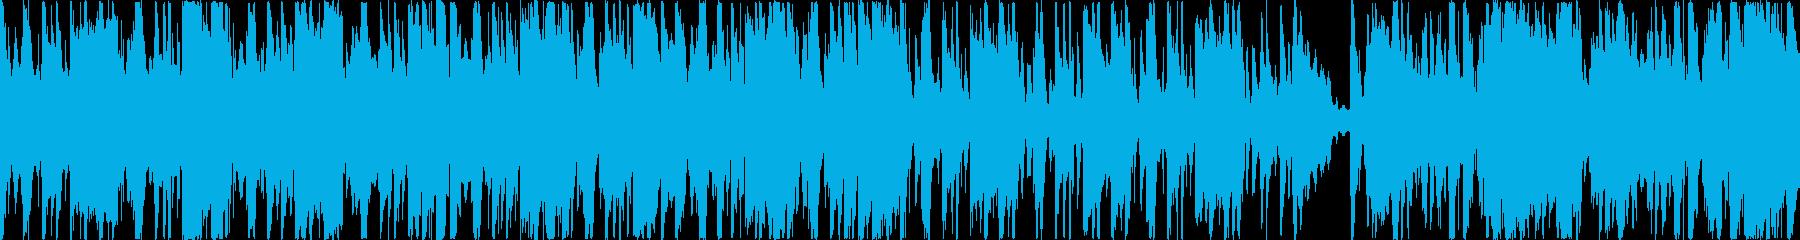 インドポップ/ボリウッドパーティー...の再生済みの波形